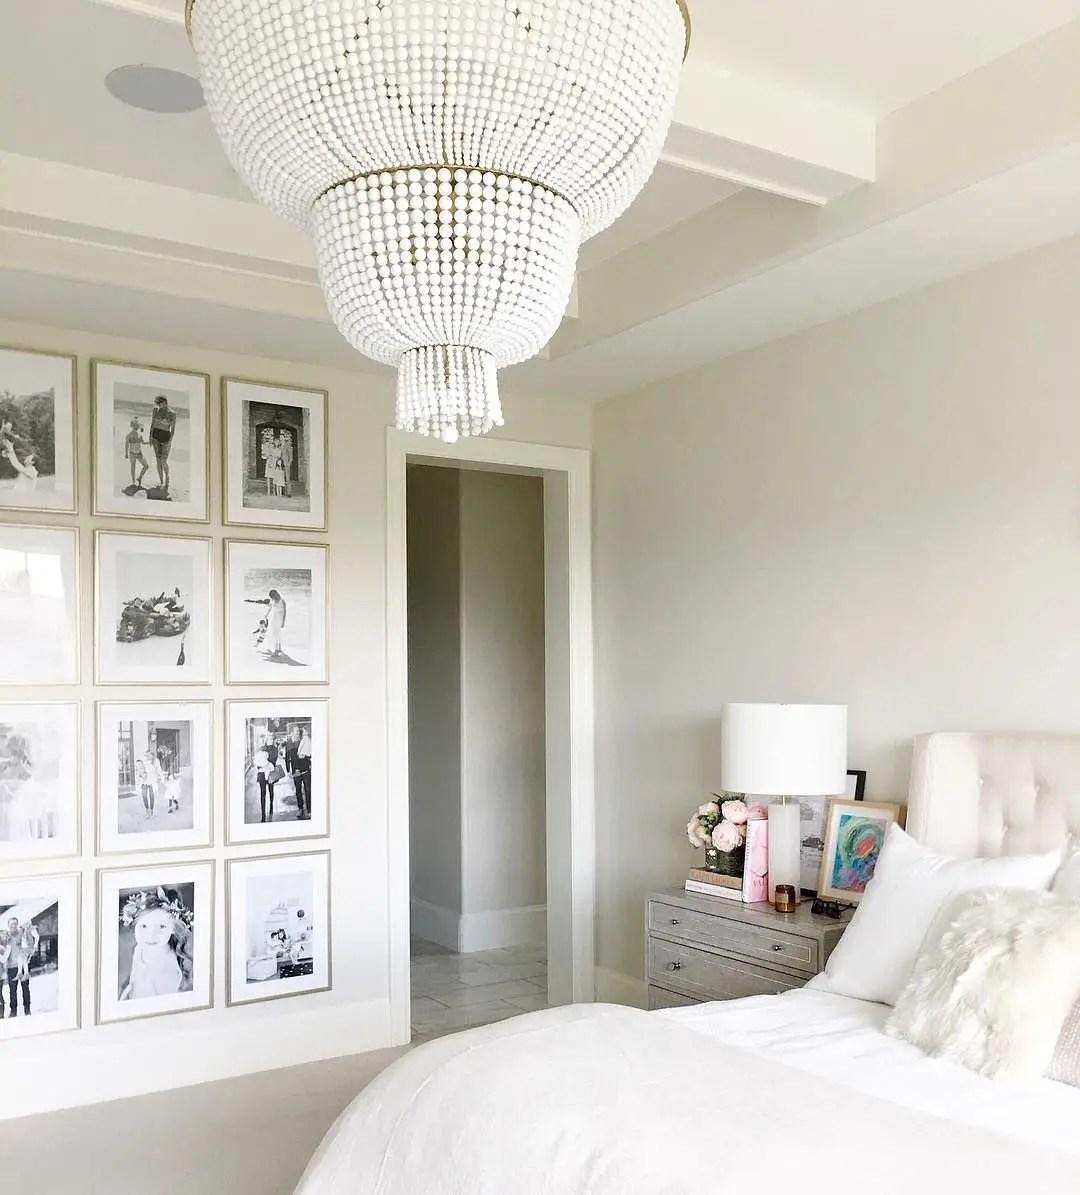 50 Stunning Photo Wall Gallery Ideas 13